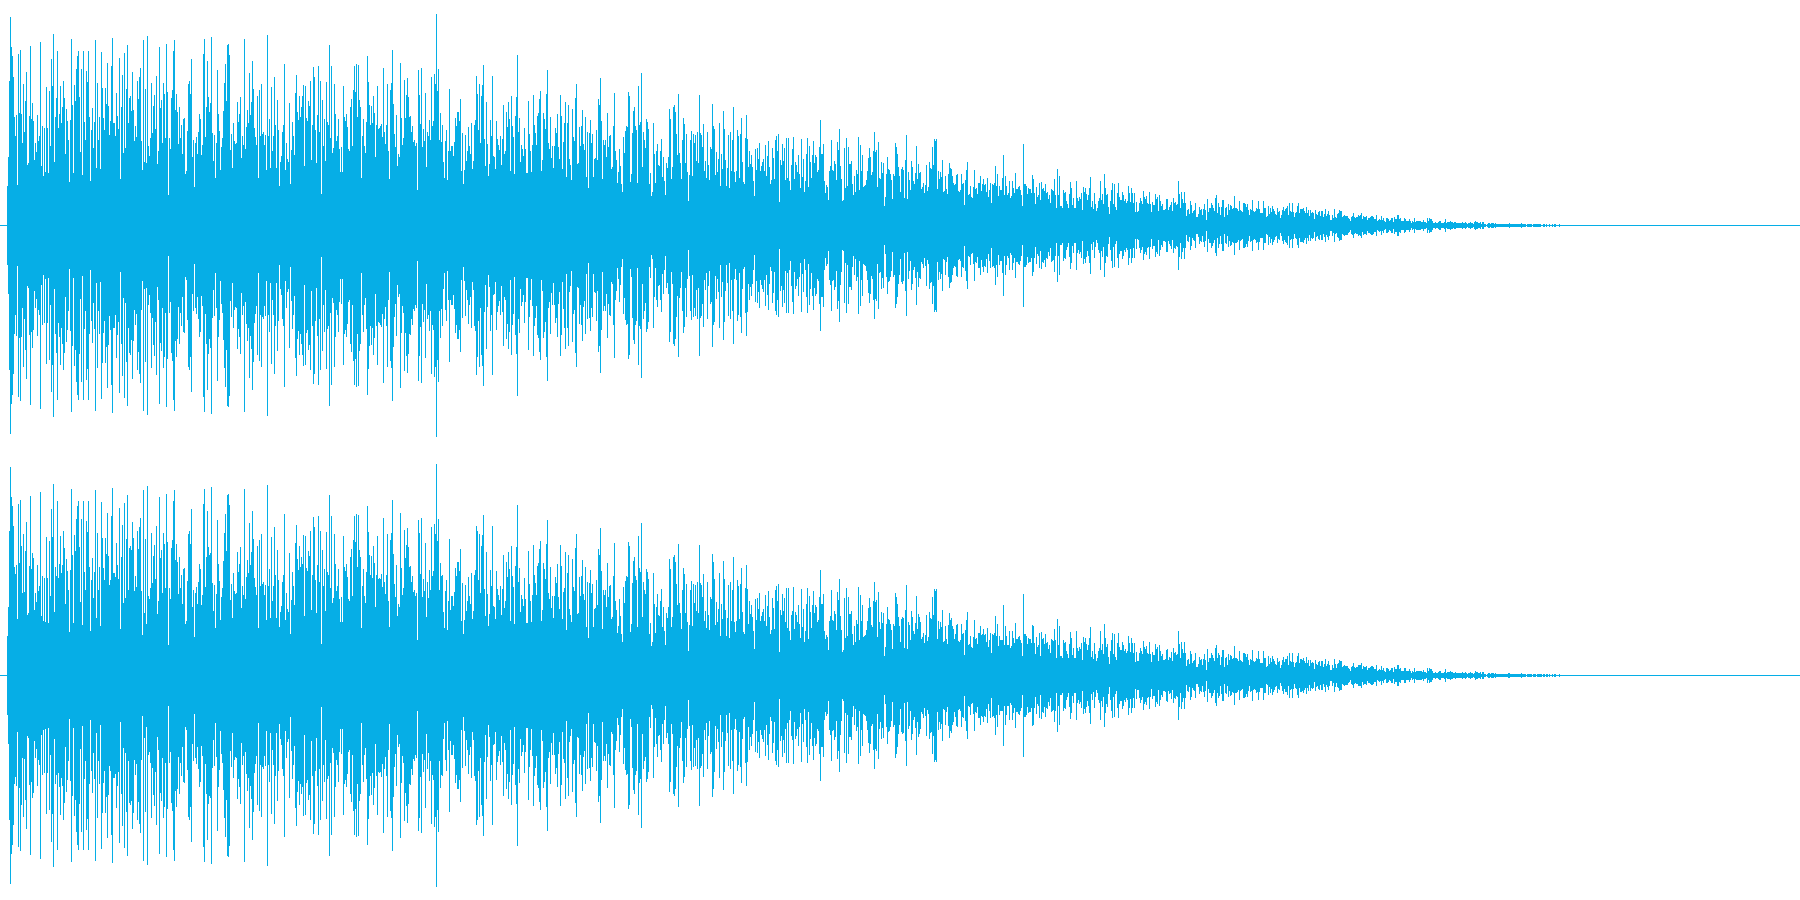 昭和の特撮にありそうな衝撃音の再生済みの波形